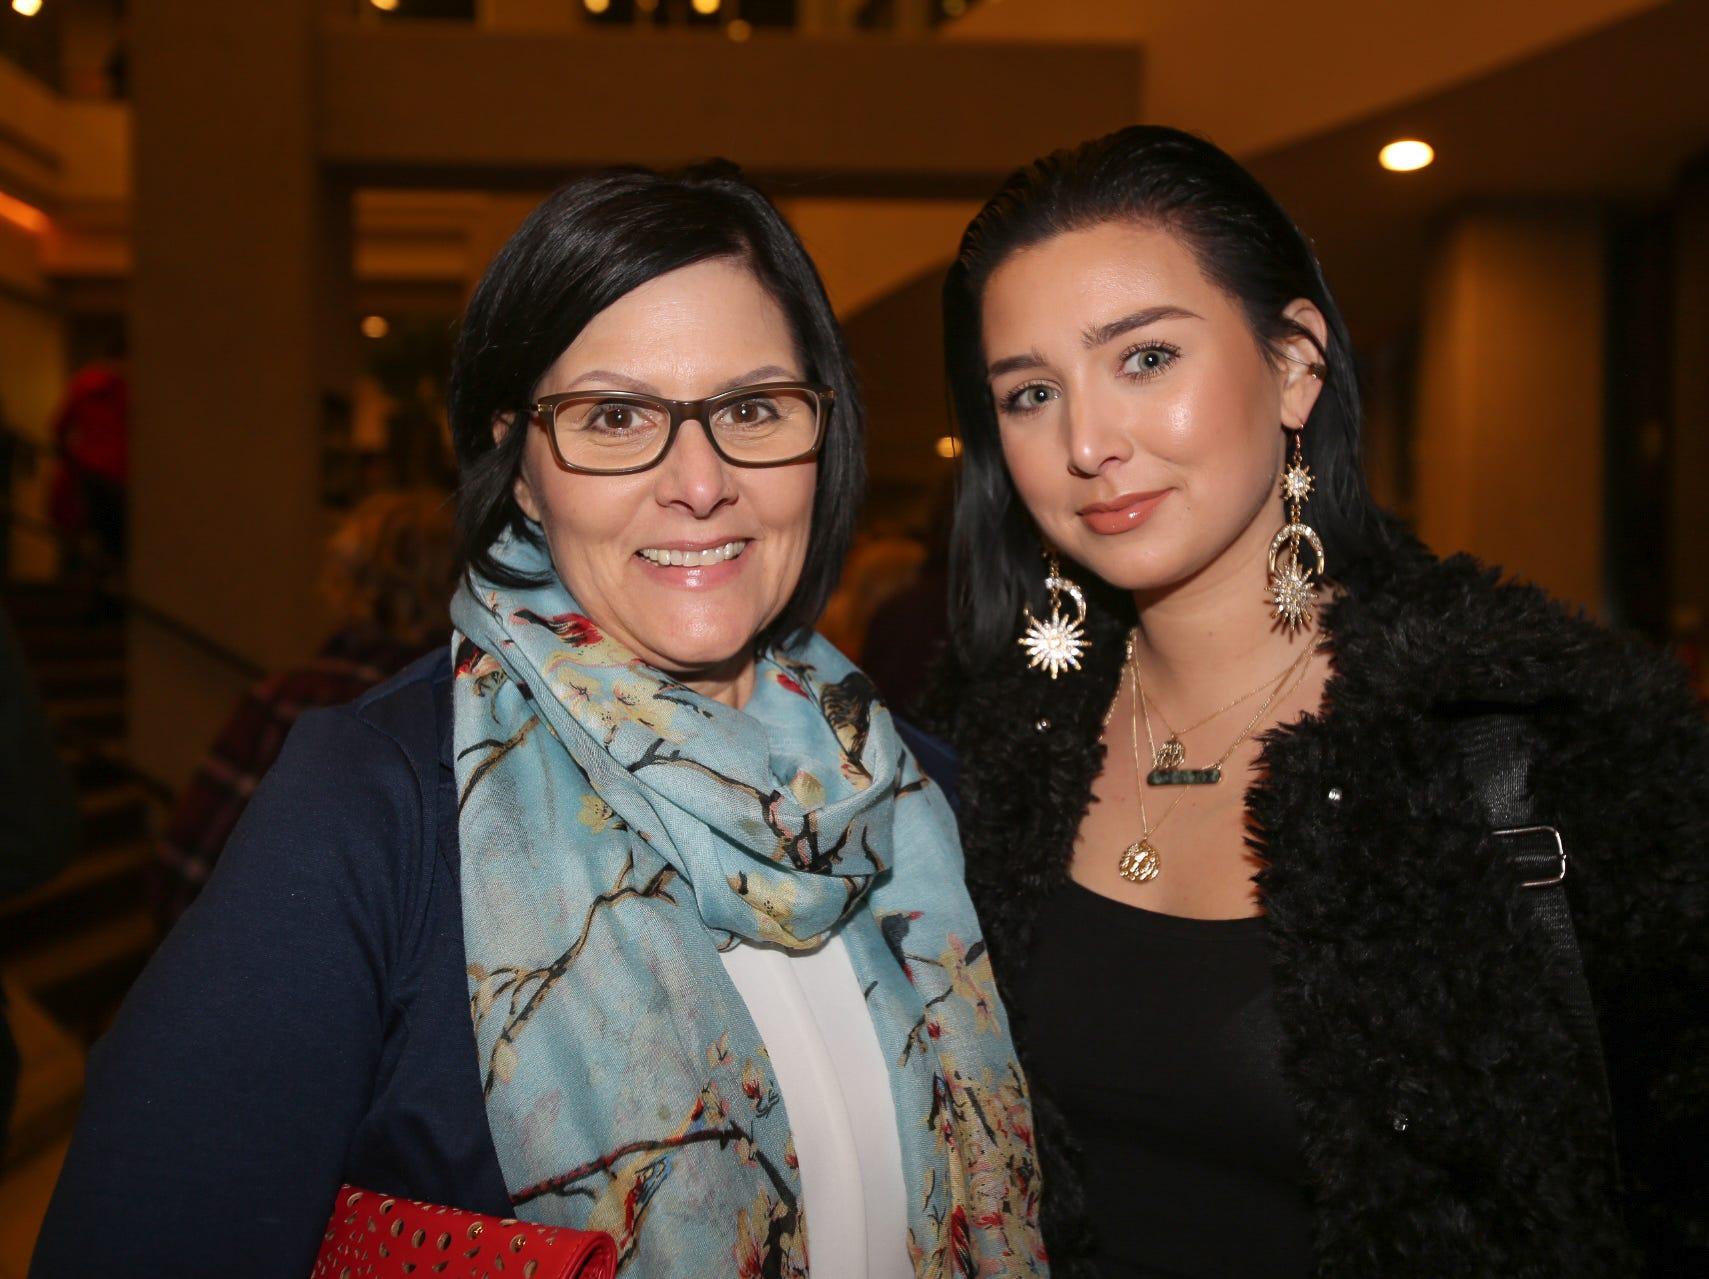 Janna and McKenna Elfrink